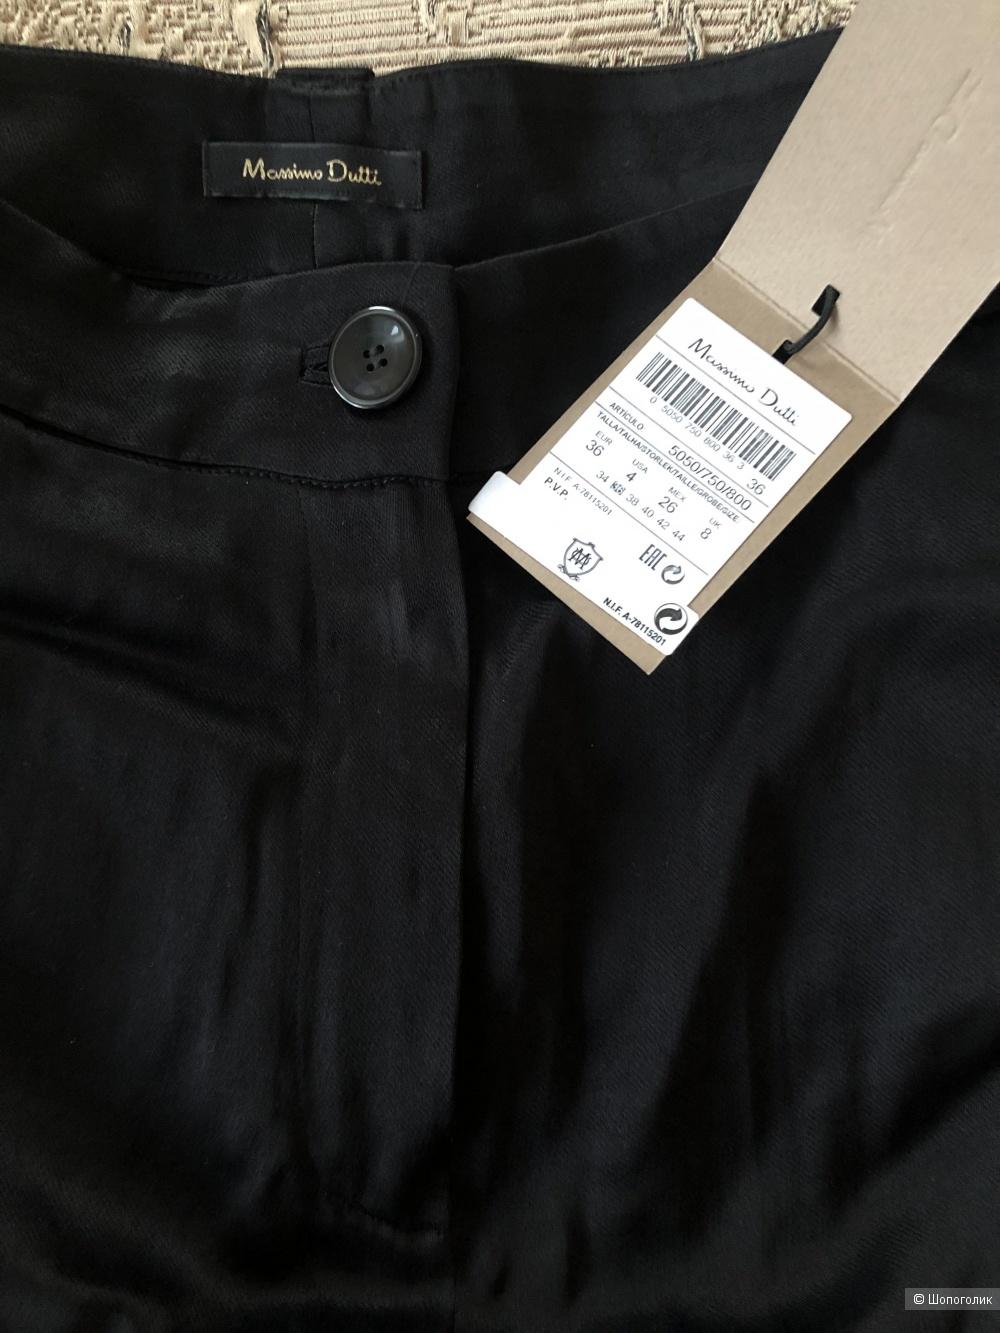 Брюки Massimo Dutti, 36 размер, легкие струящиеся